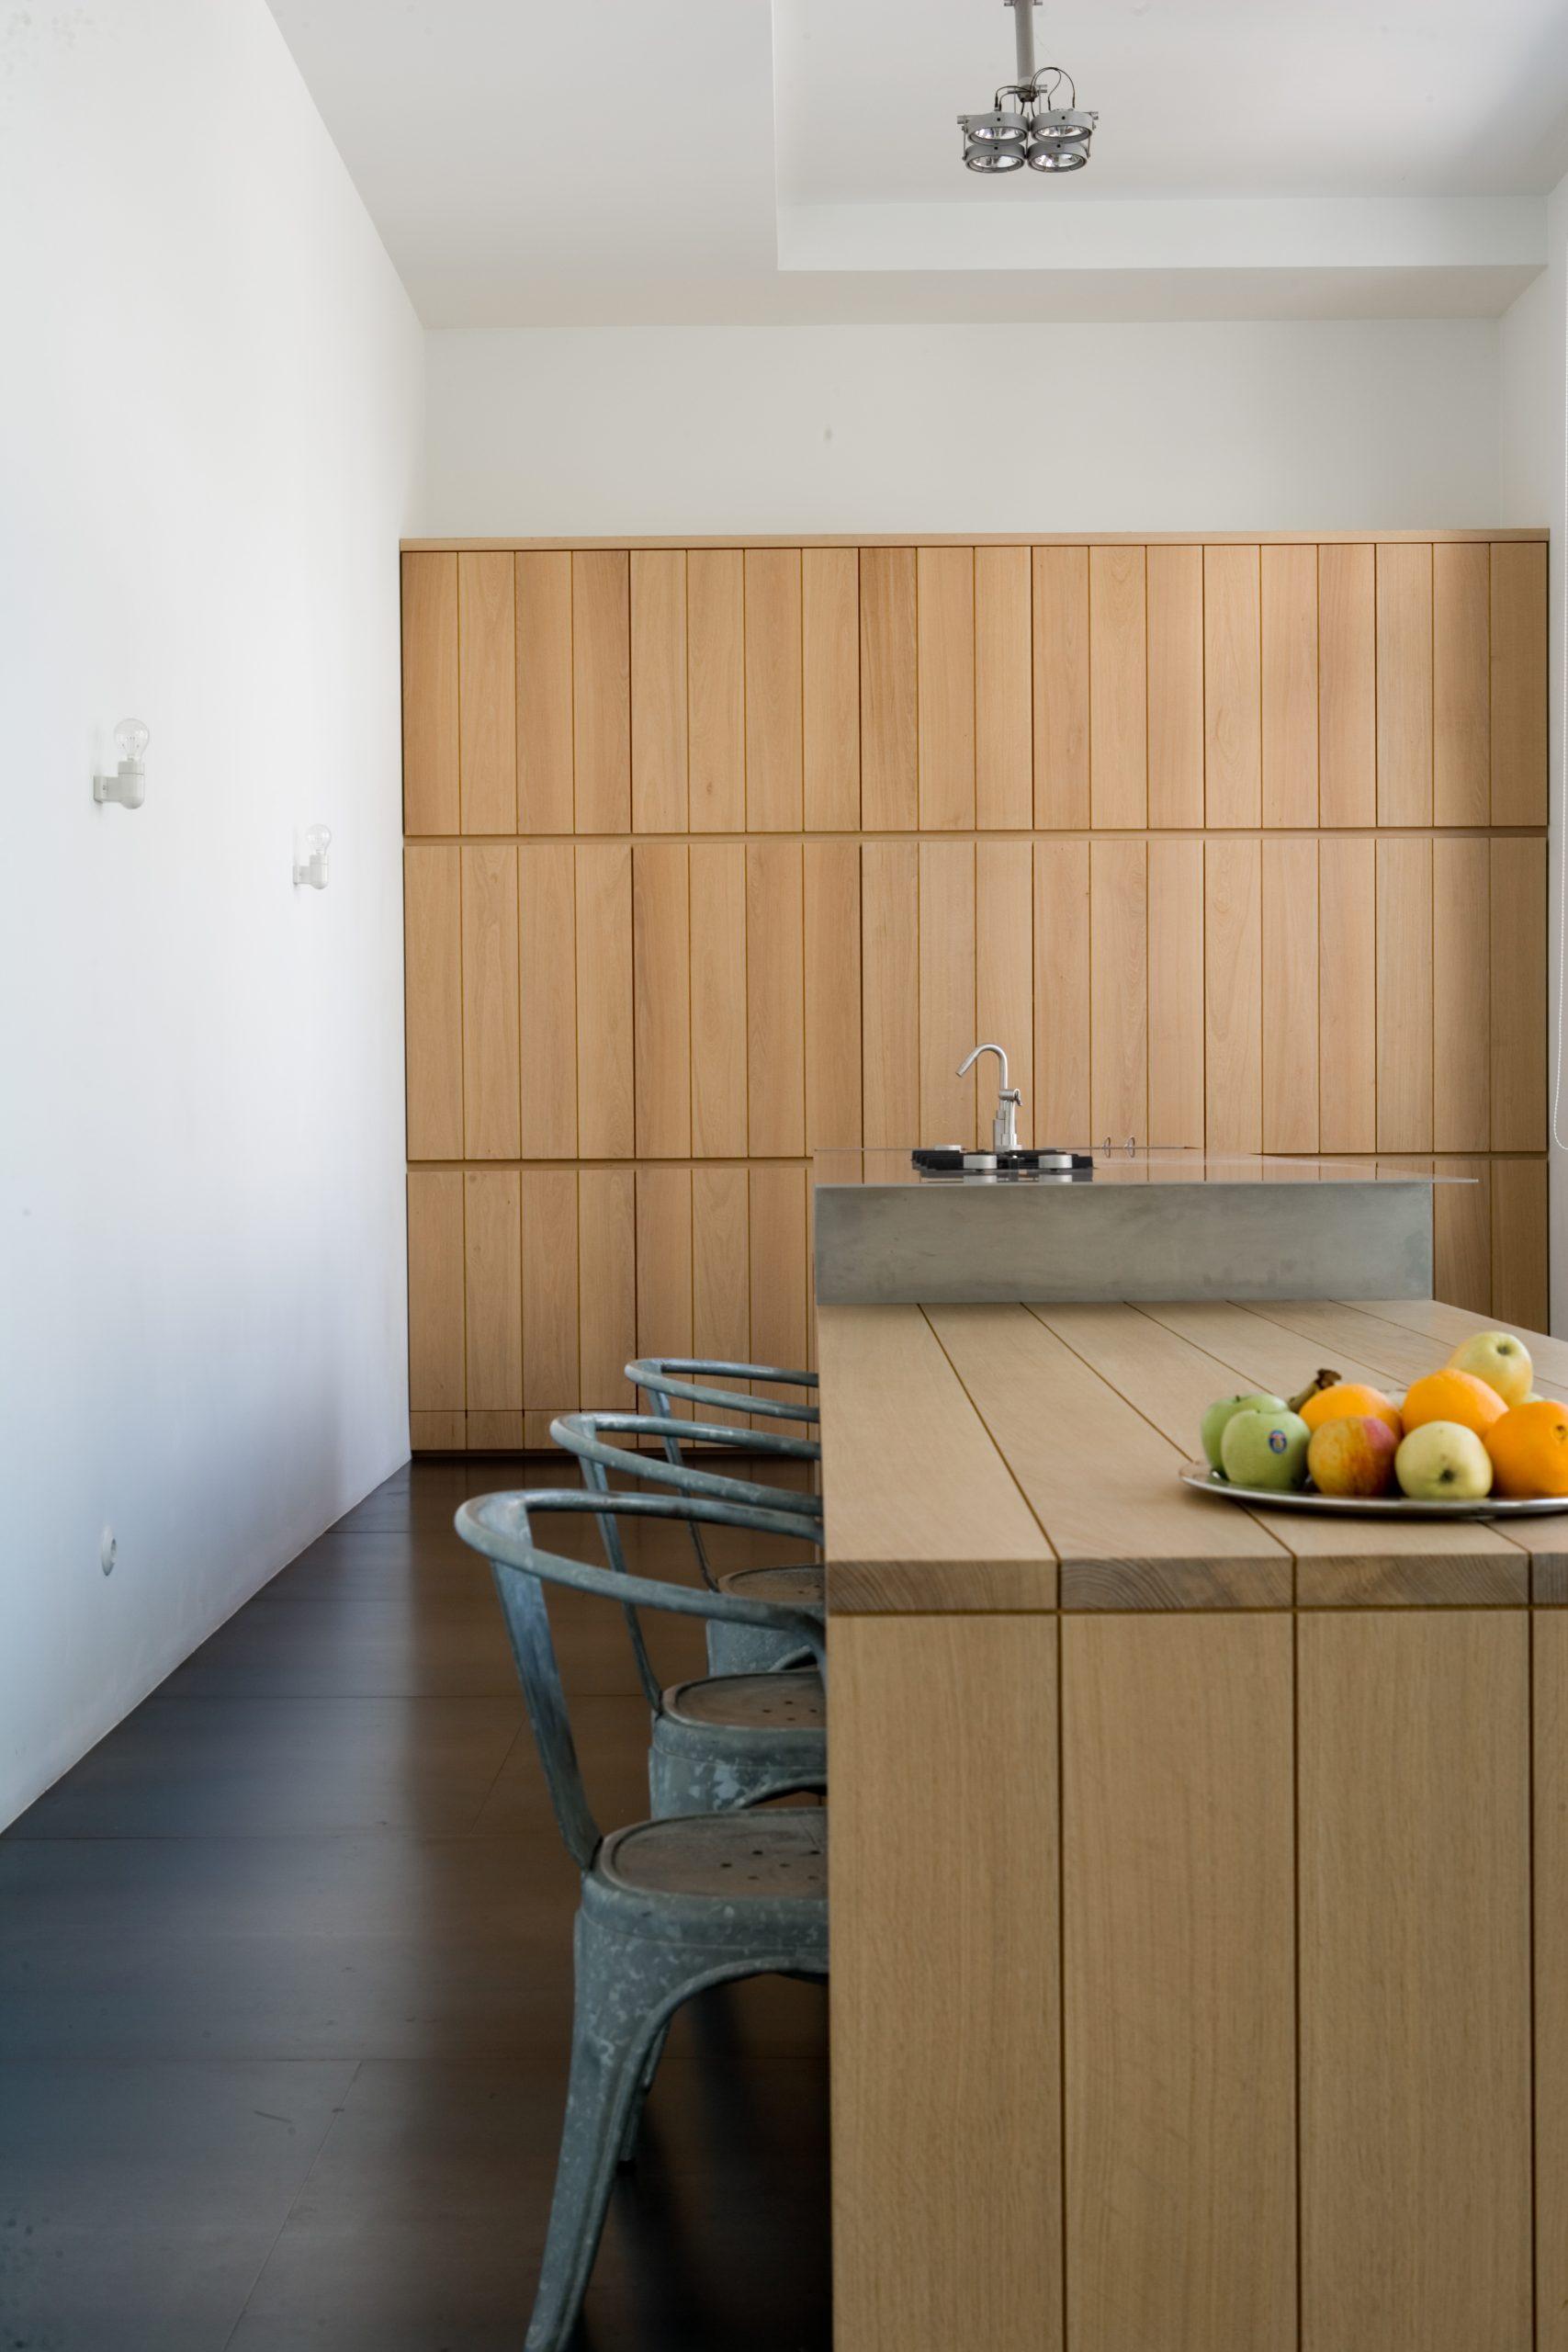 Clean wooden kitchen design housing